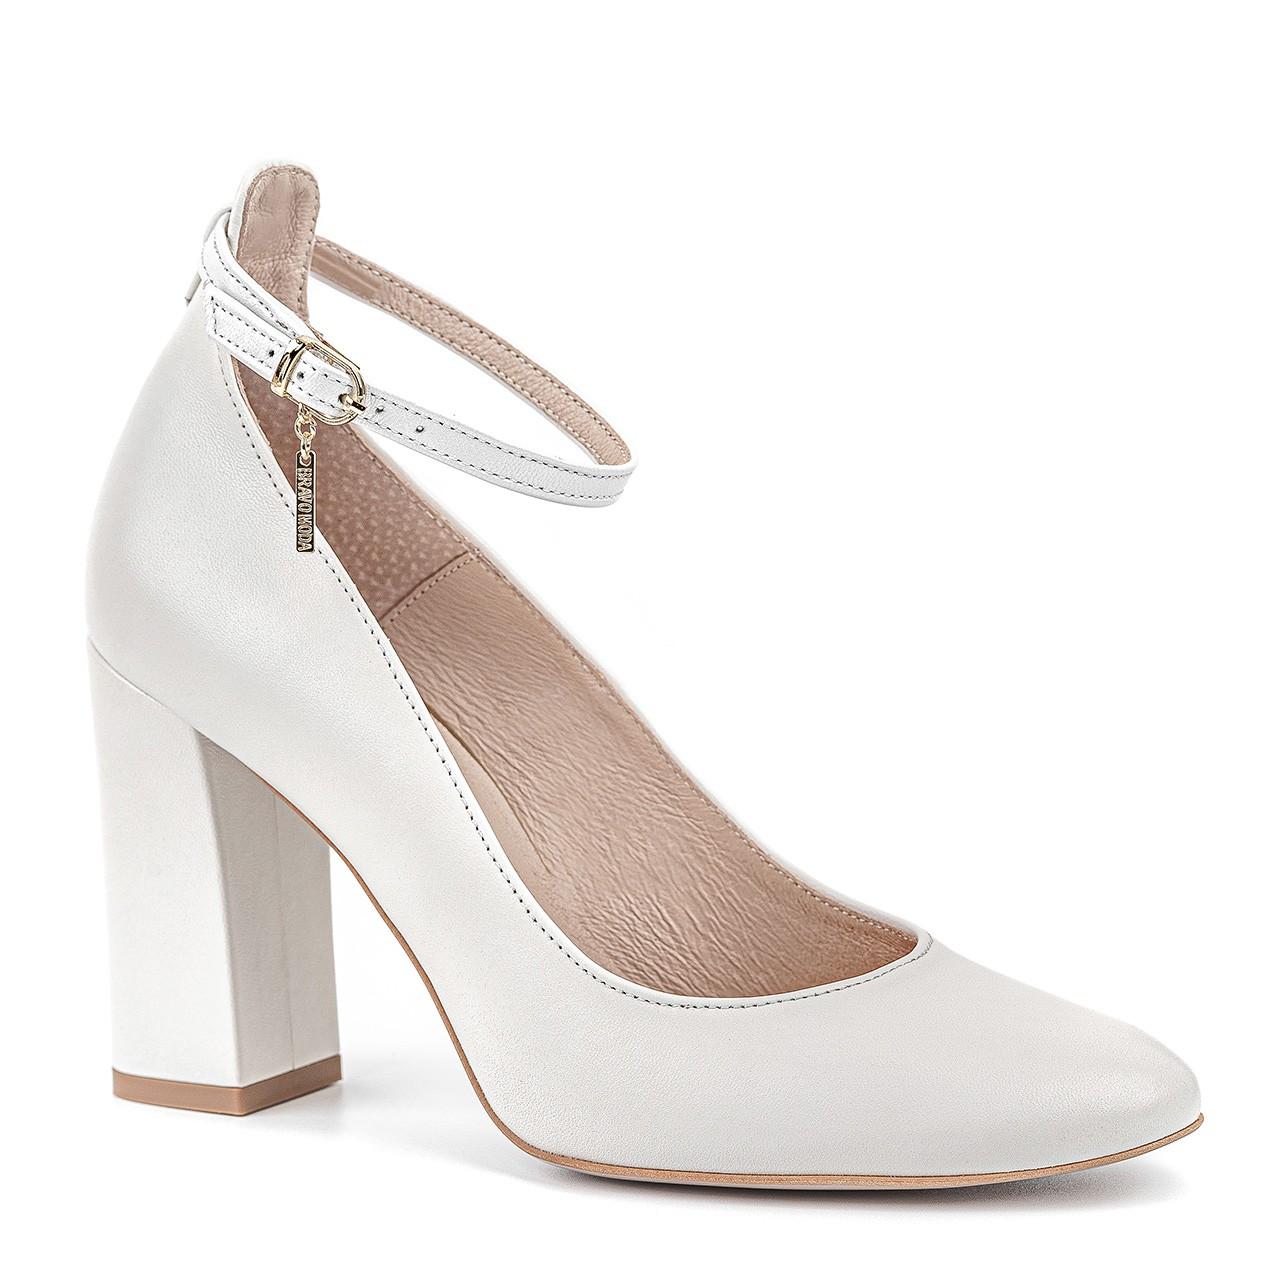 Białe buty ze skóry naturalnej na grubym, słupkowym obcasie zapinane przy kostce